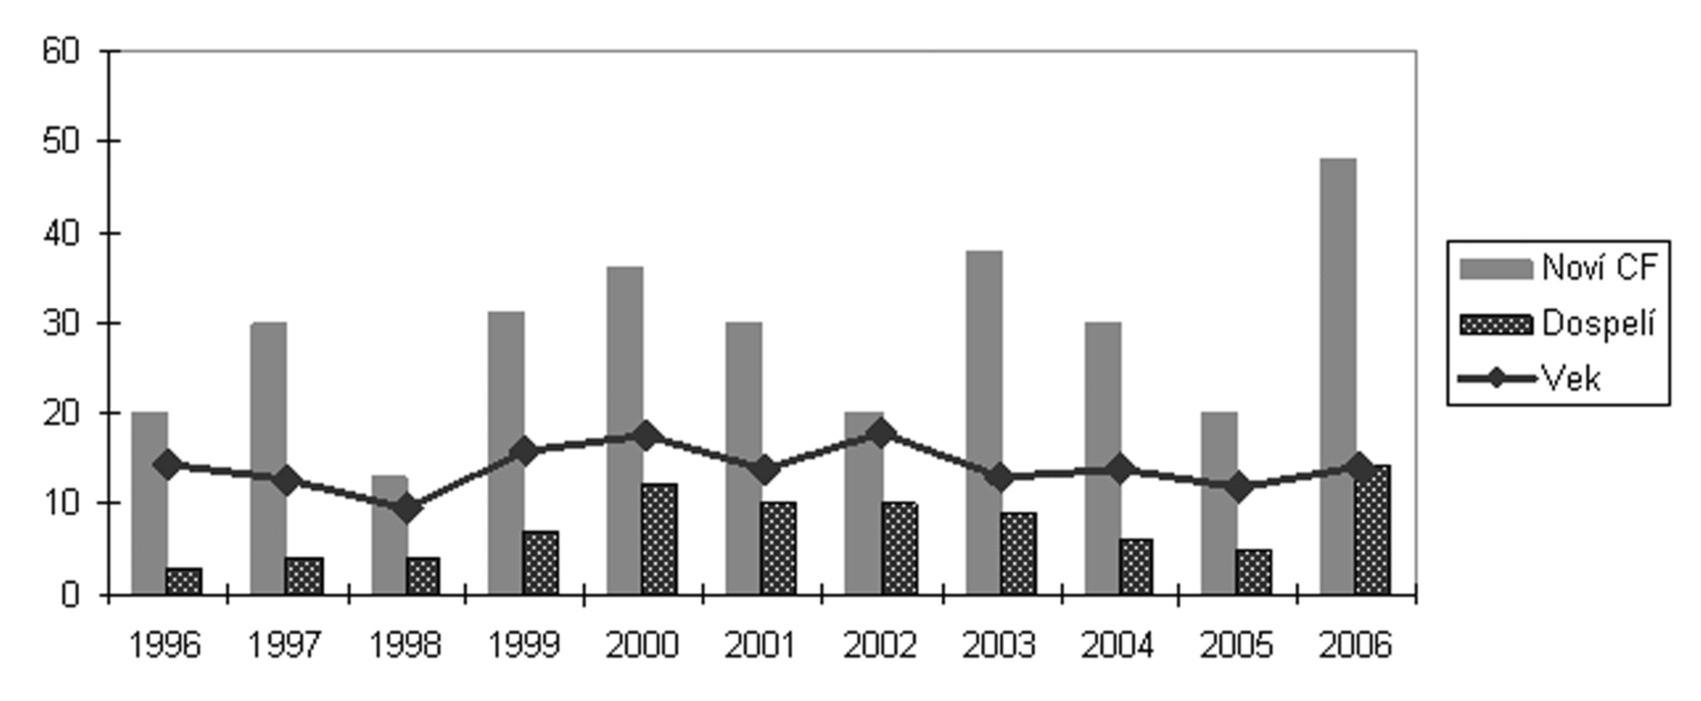 Analýza novo diagnostikovaných pacientov v rokoch 1996–2006. Diagnóza CF bola potvrdená u 292 pacientov, t.j. priemerne 26,5 ročne. Priemerný vek v čase stanovenia diagnózy bol 13,9 roka (prenatálna diagnostika – potvrdenie diagnózy u starého otca dieťaťa s CF s chronickou pankreatitídou a chronickou obštrukčnou bronchopulmonálnou chorobou vo veku 66,1 roka). 84 pacientov (28,7 %) malo pri zistení diagnózy viac ako 18 rokov. Takmer 2-násobný nárast (15 % dospelých pacientov v roku 1996) súvisí s vyššímvýskytomatypických foriemCF s pankreatickou suficienciou a zvyšovaním sa vedomostí o tomto ochorení aj u internistov a pneumológov. Klinické prejavy, ktoré viedli u dospelých pacientov k diagnóze CF, boli predovšetkým chronické respiračné ochorenie (astma, bronchiektázie, CHOPCH, nazálna polypóza), recidivujúca pankreatitída a CBAVD. Skratky: CBAVD – kongenitálna bilaterálna atrézia vas defferens